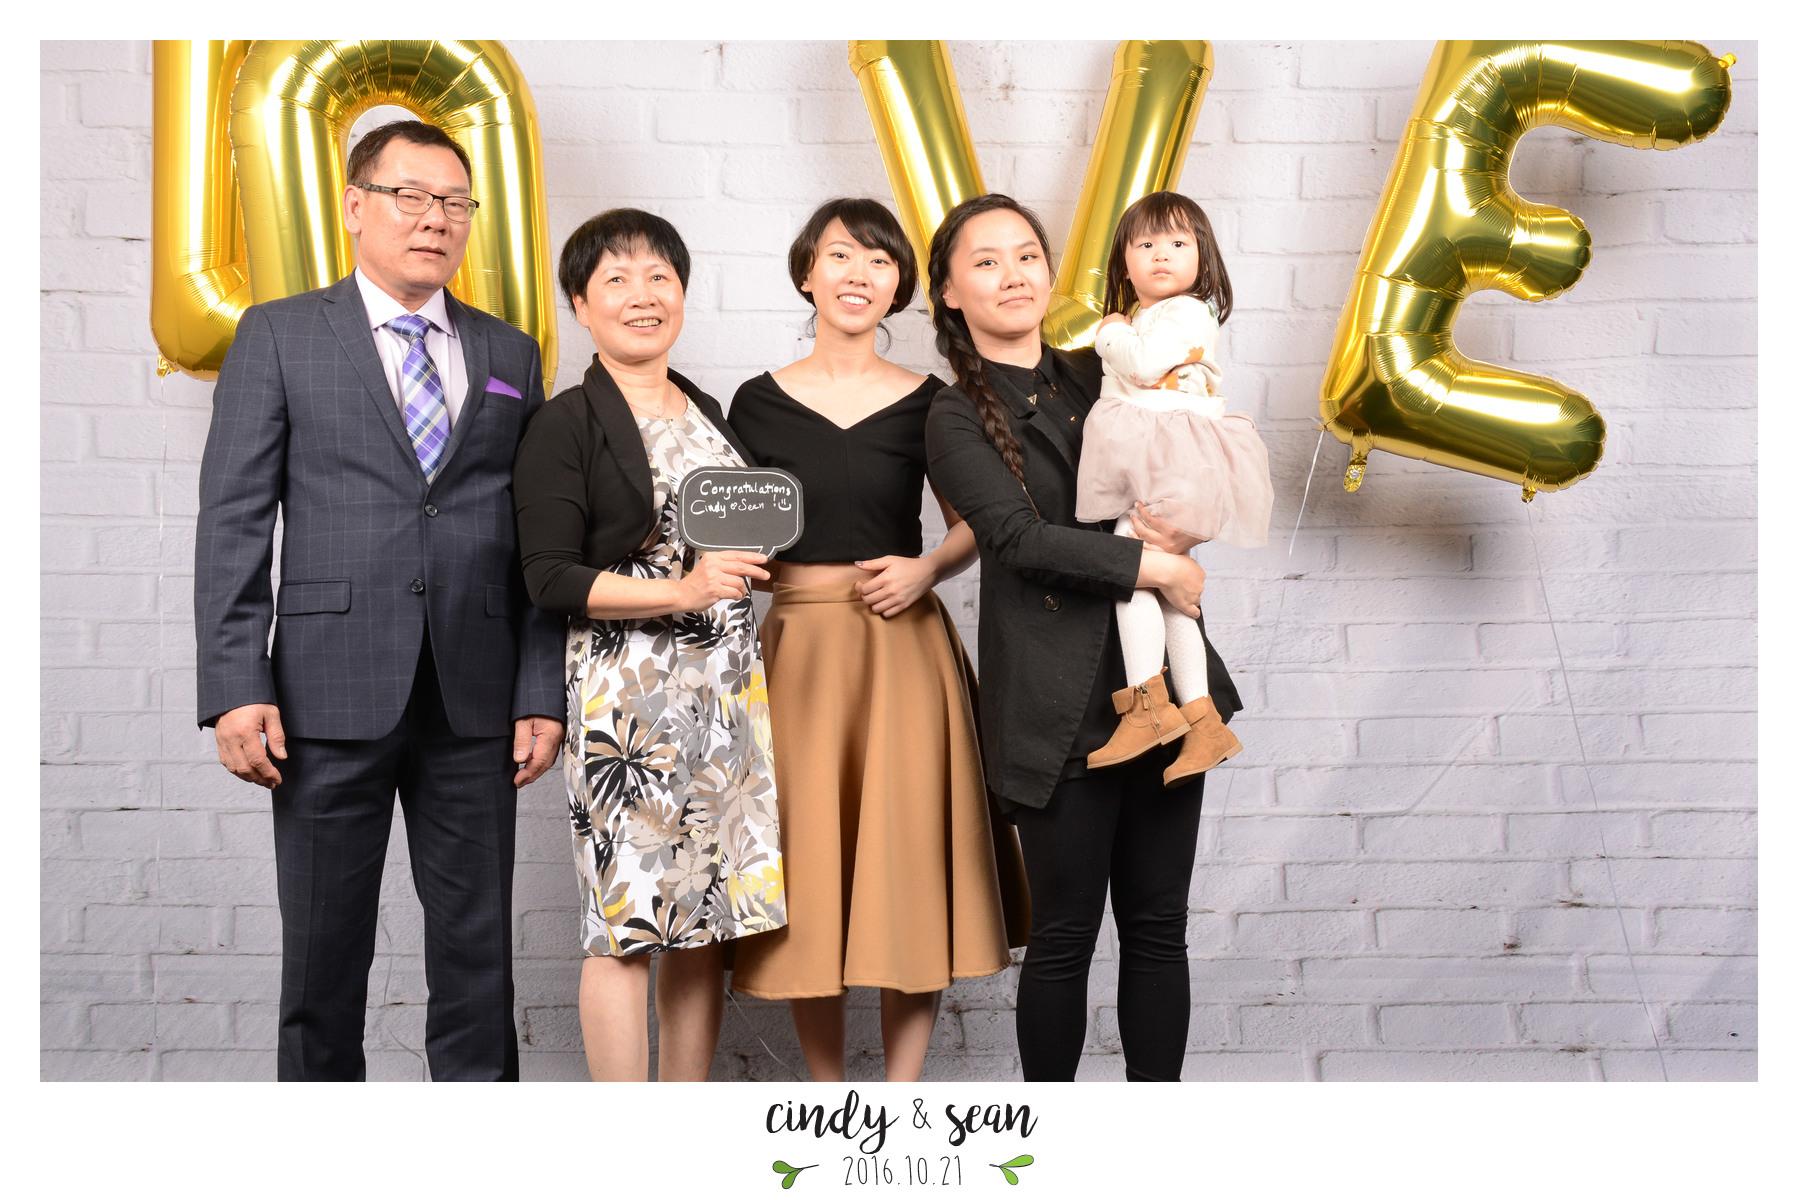 Cindy Sean Bae - 0001-21.jpg